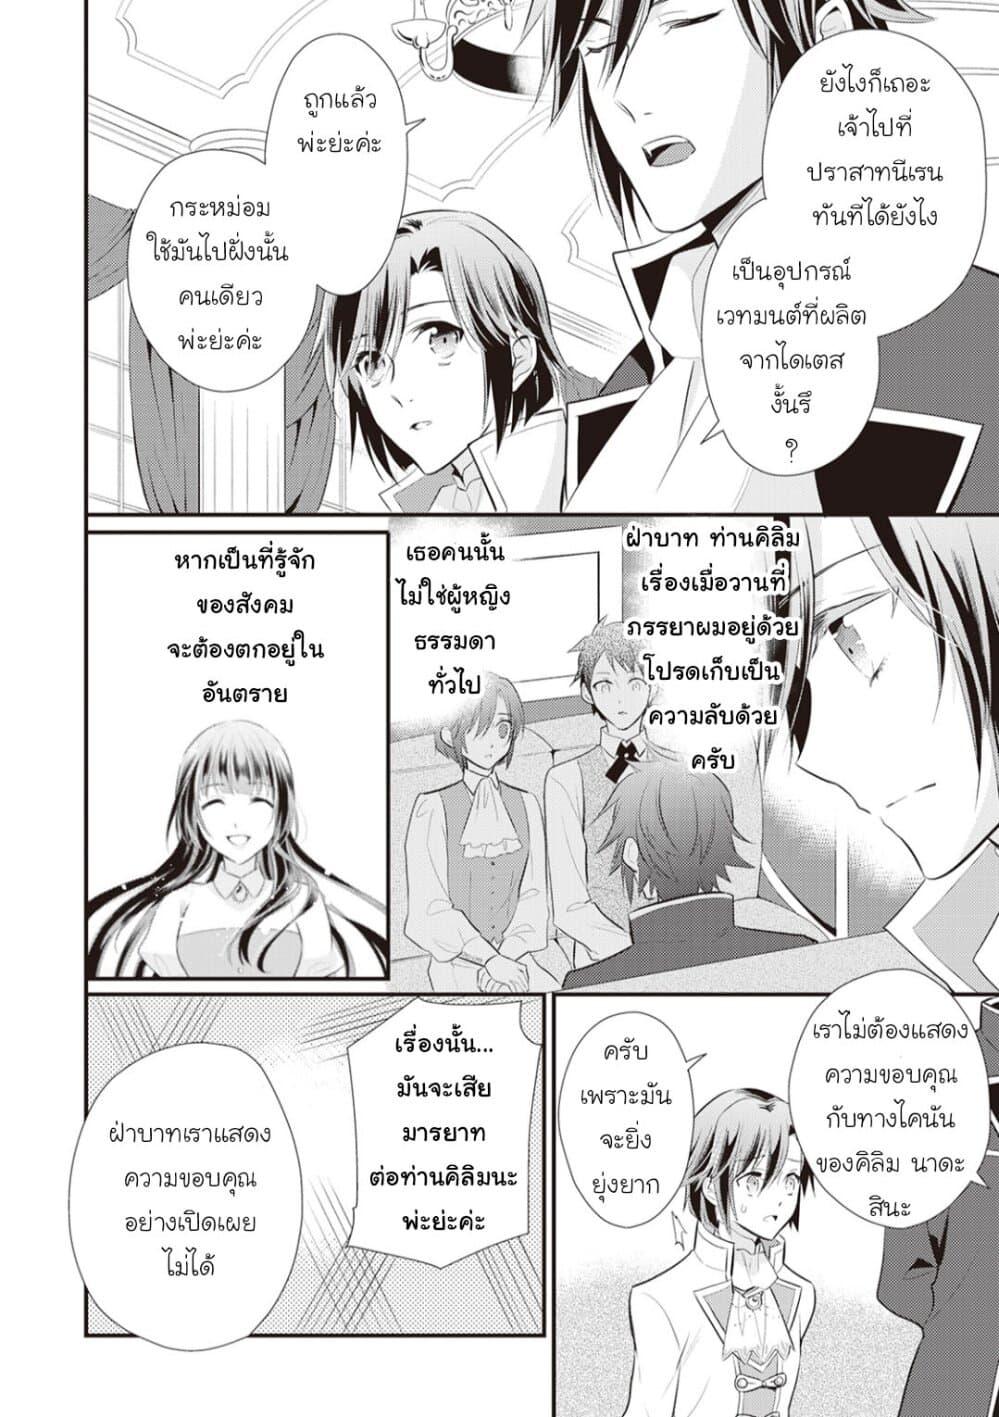 อ่านการ์ตูน Daites Ryou Koubouki ตอนที่ 23 หน้าที่ 4